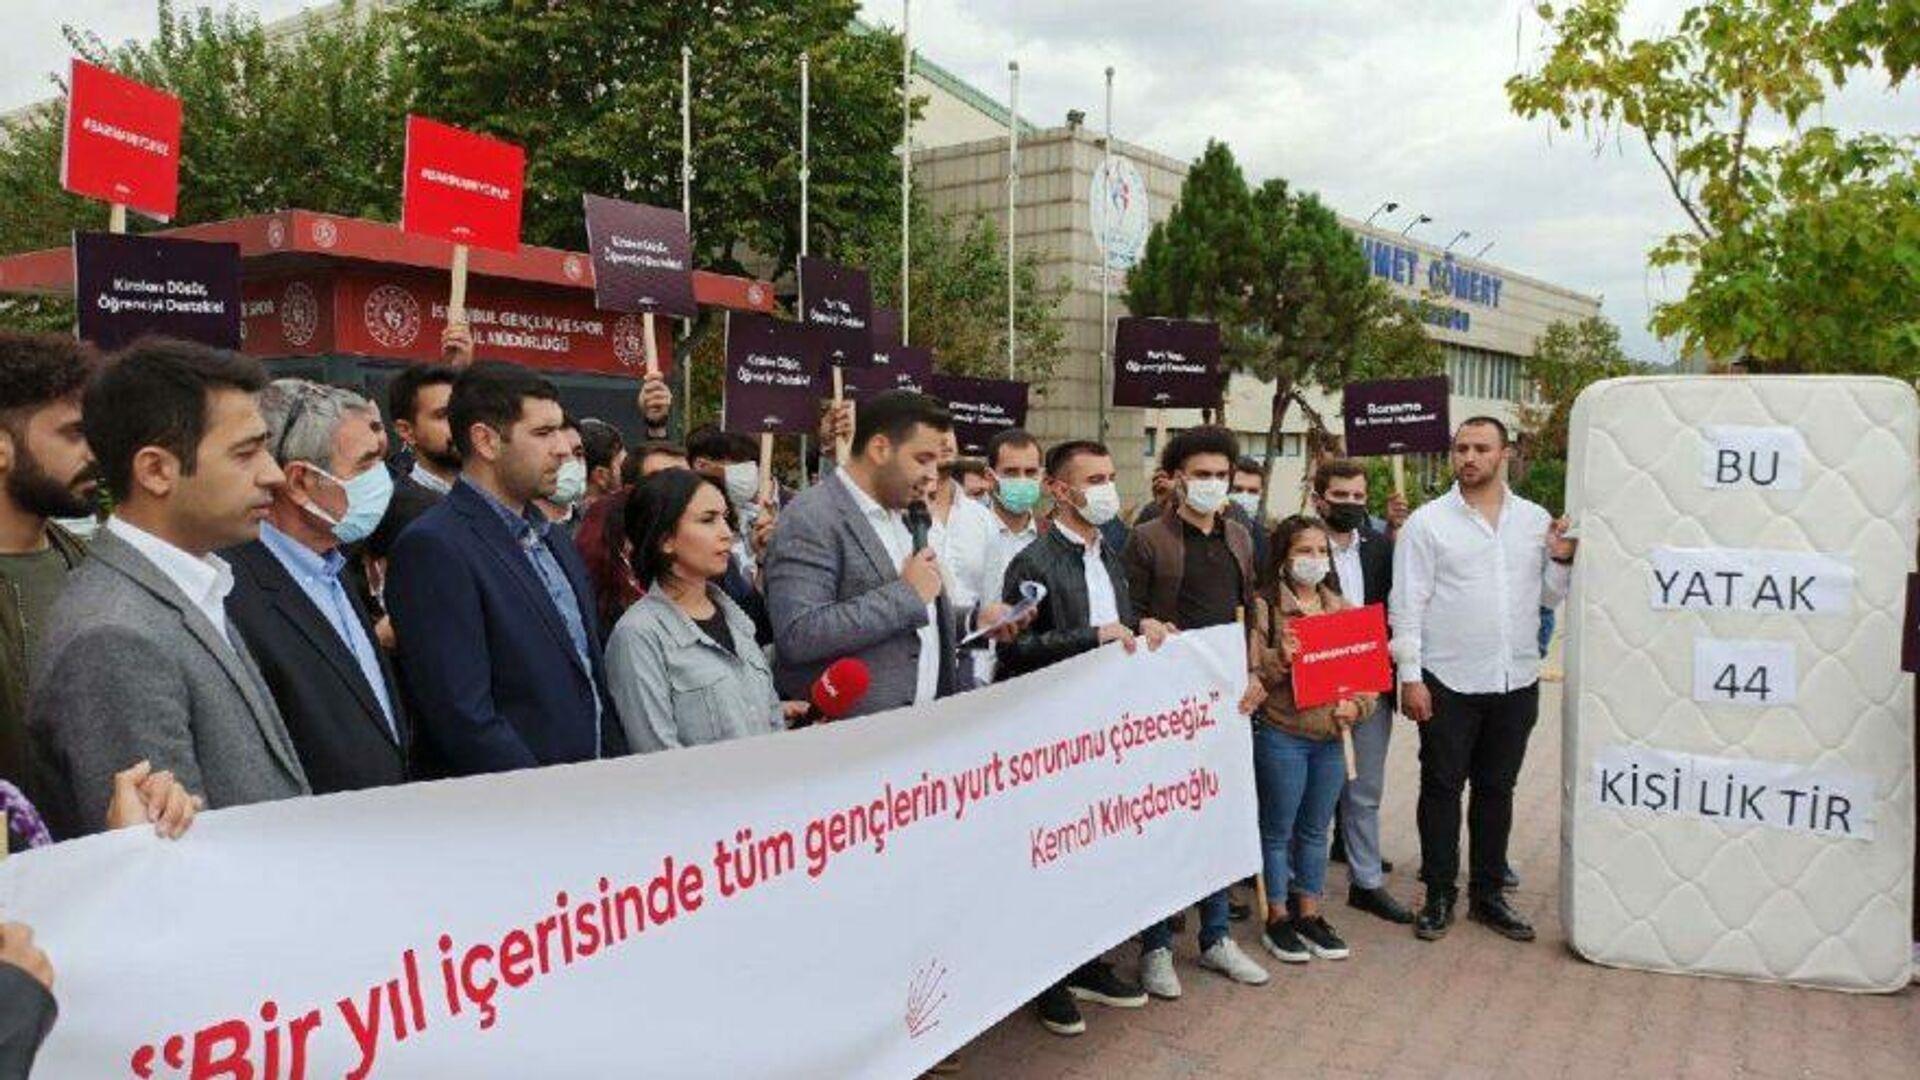 CHP İstanbul İl Gençlik Kolları başkanı Cem Aydın beraberindeki 44 kişiyle birlikte Gençlik ve Spor İl Müdürlüğü önünde yurt ve barınma sorununa ilişkin açıklama yaparak, İstanbul'da bir KYK yurdunun tek bir yatağına yaklaşık 44 öğrenci düştüğünü belirtti. - Sputnik Türkiye, 1920, 23.09.2021